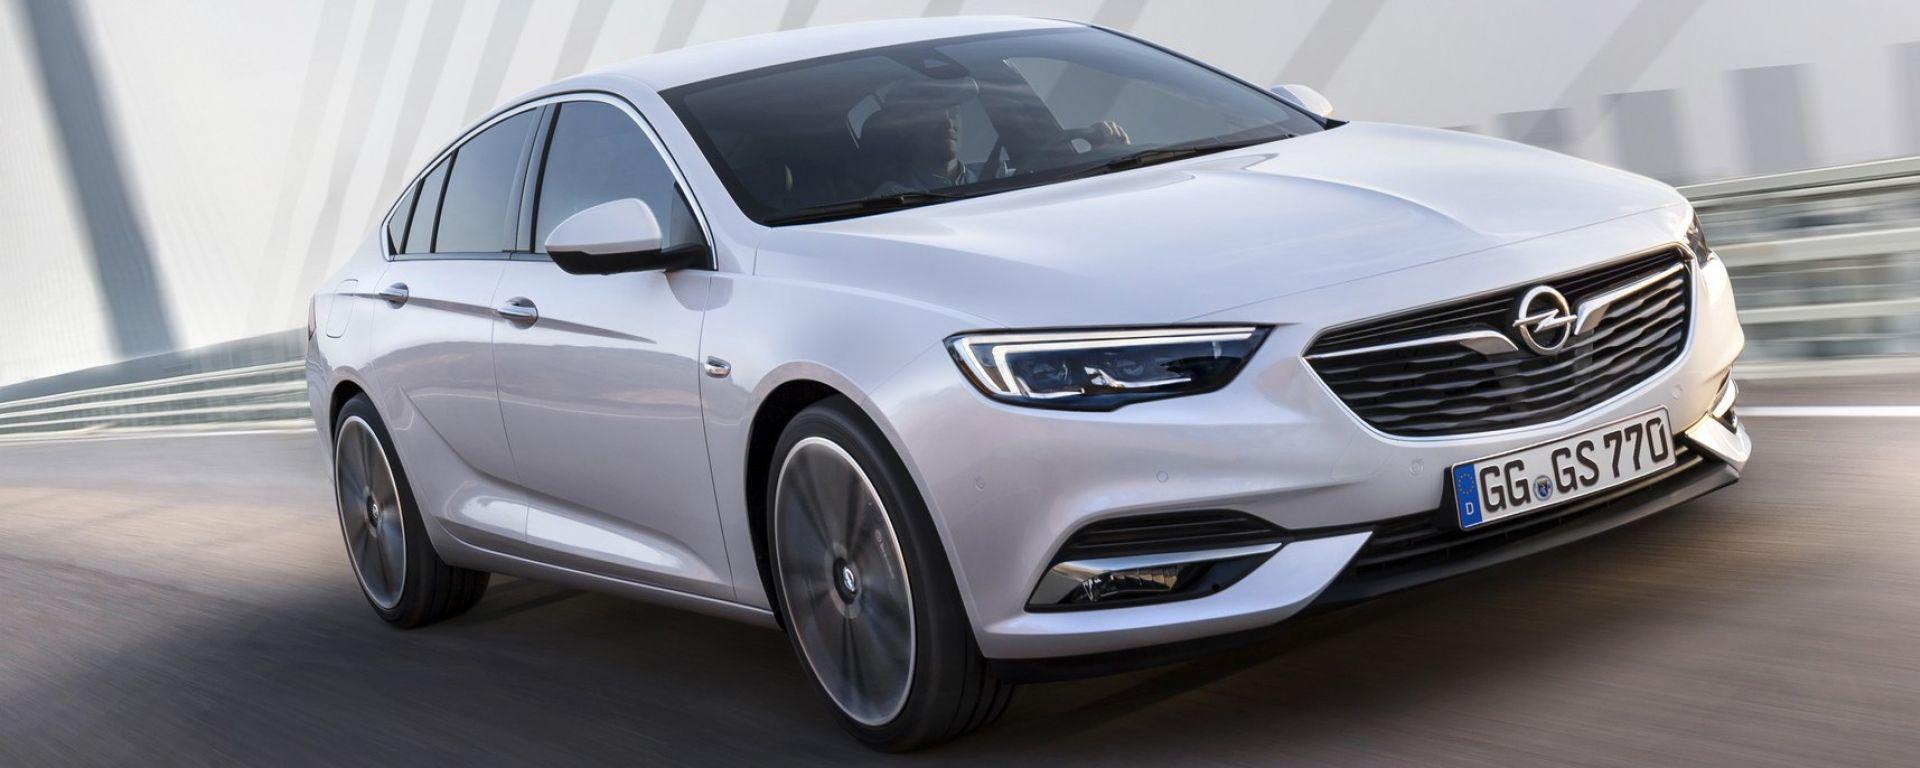 Opel Insignia Grand Sport: le foto ufficiali